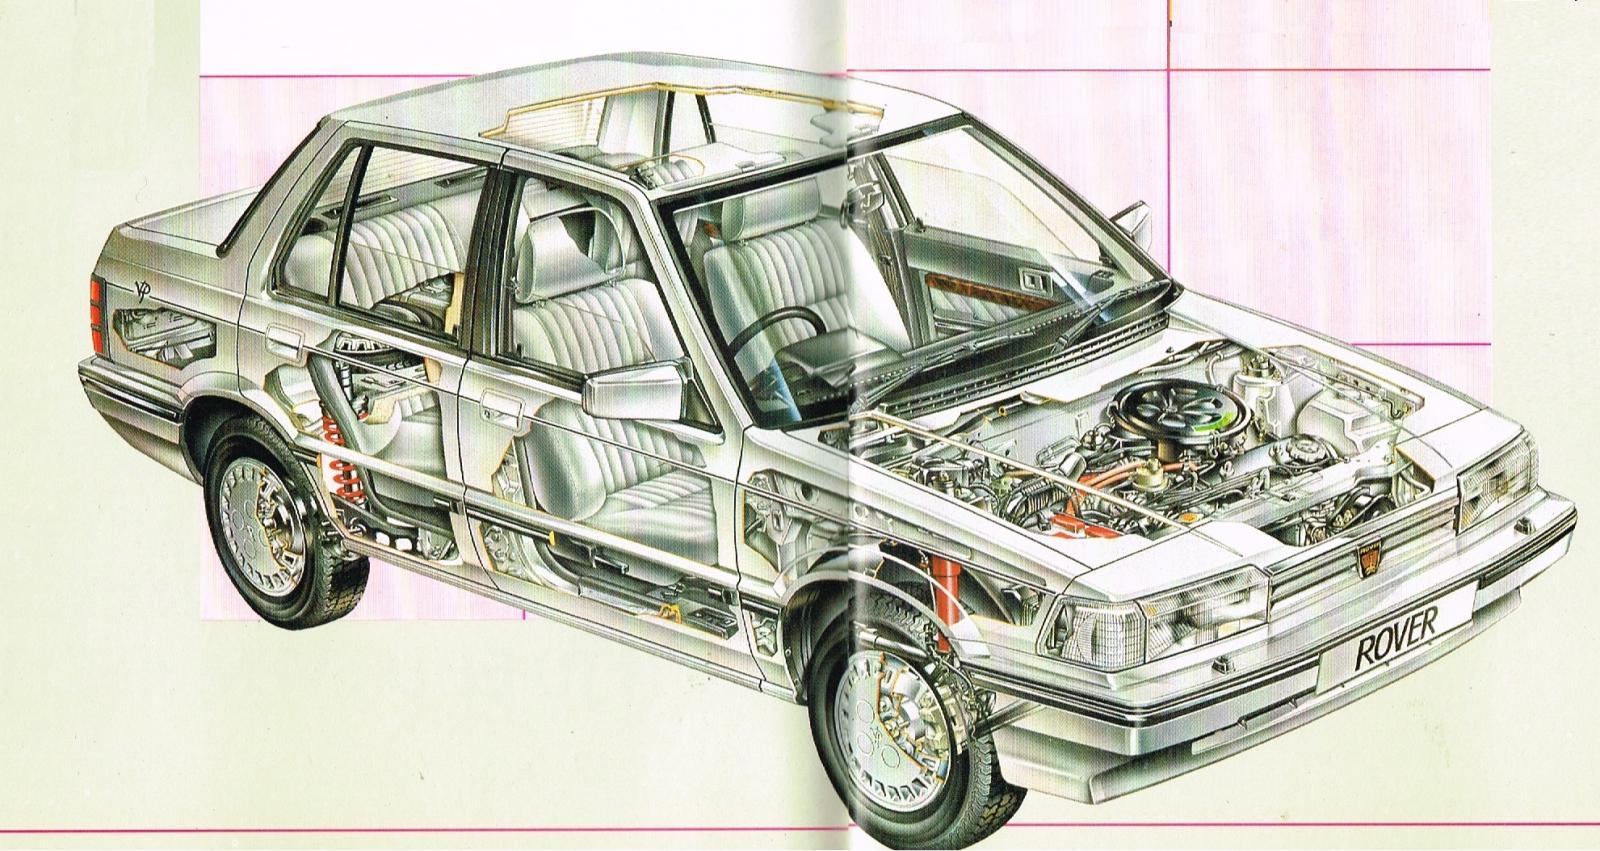 Rover 200 Series 1984 brochure 06-07.jpg